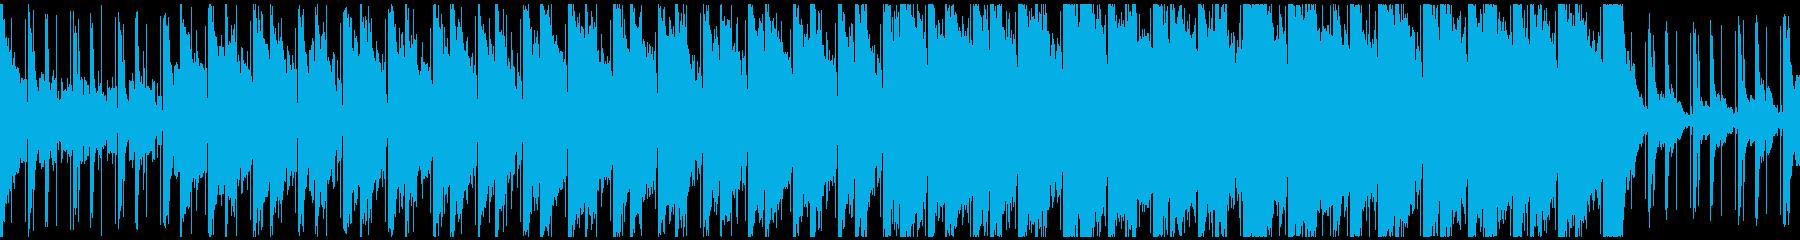 【ループ対応】幻想的で切ないEDMの再生済みの波形